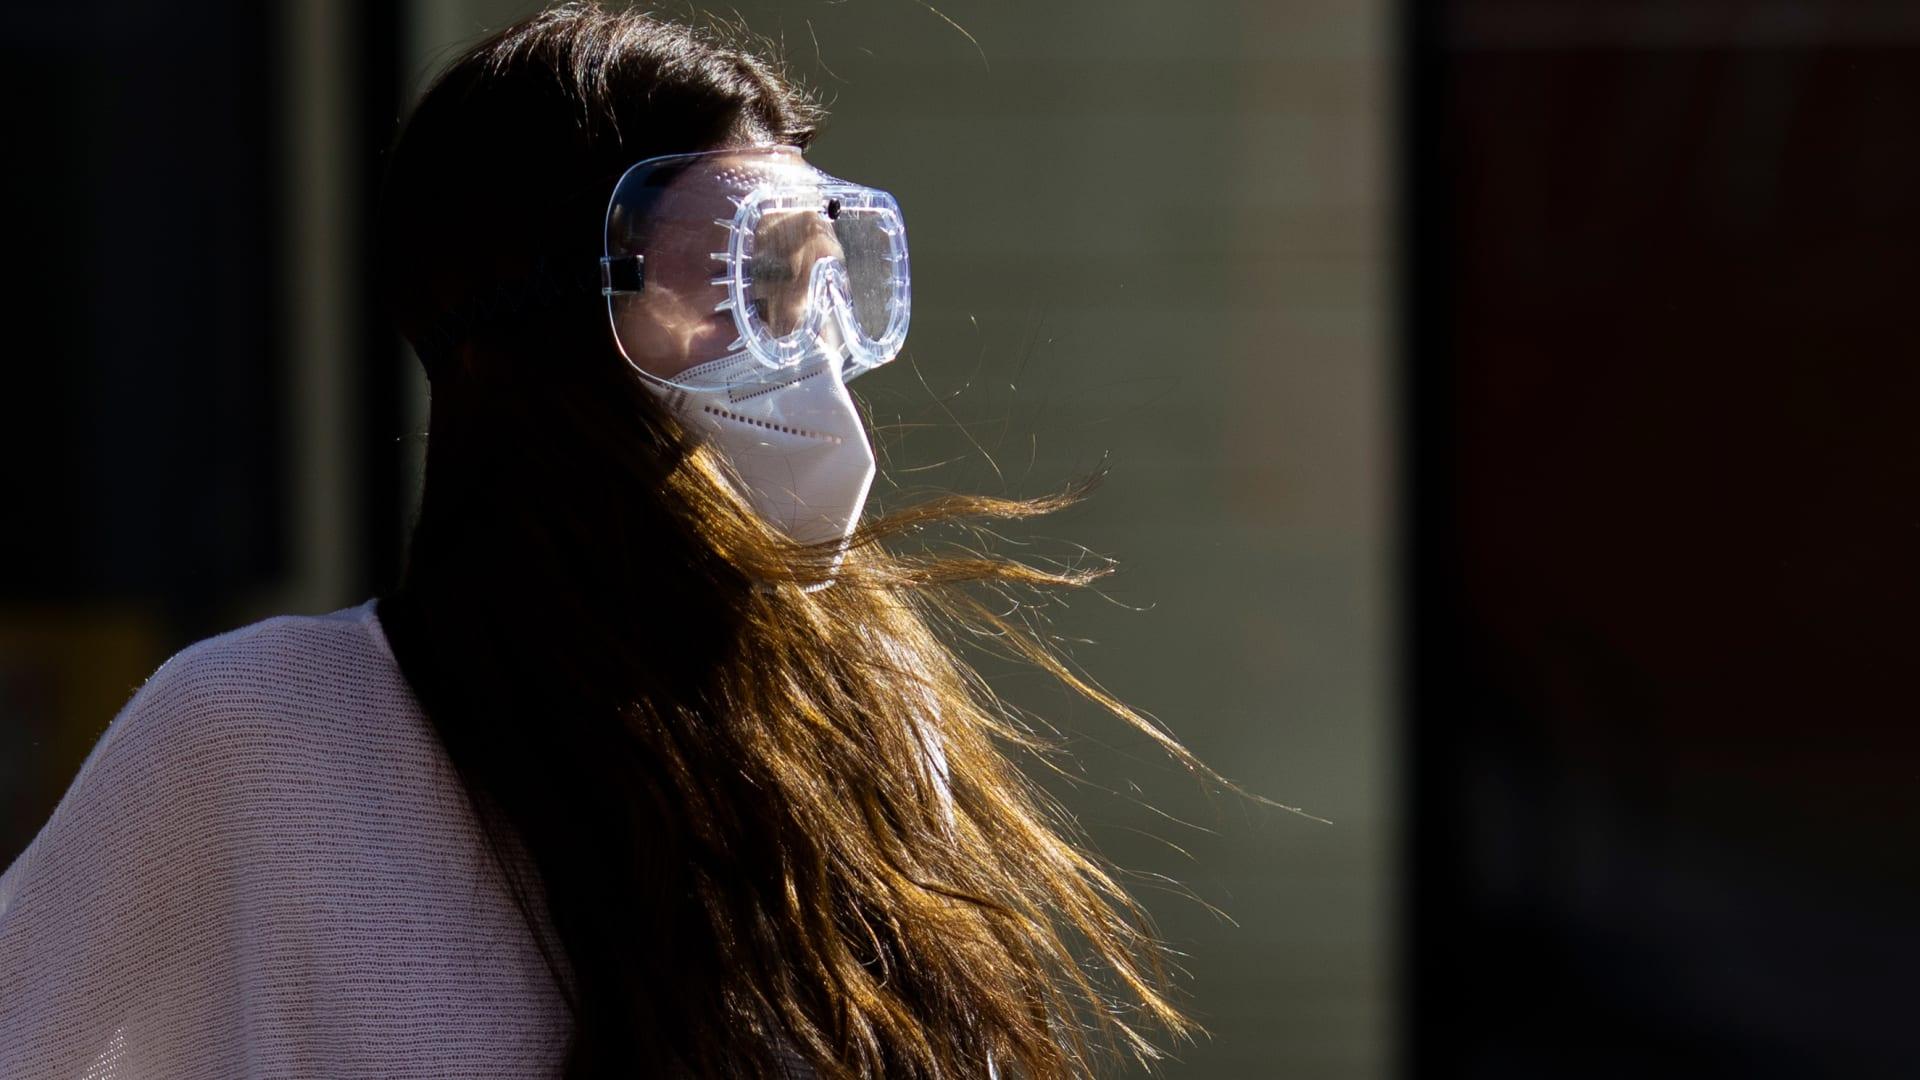 هل الكمامات كافية للحماية من فيروس كورونا؟